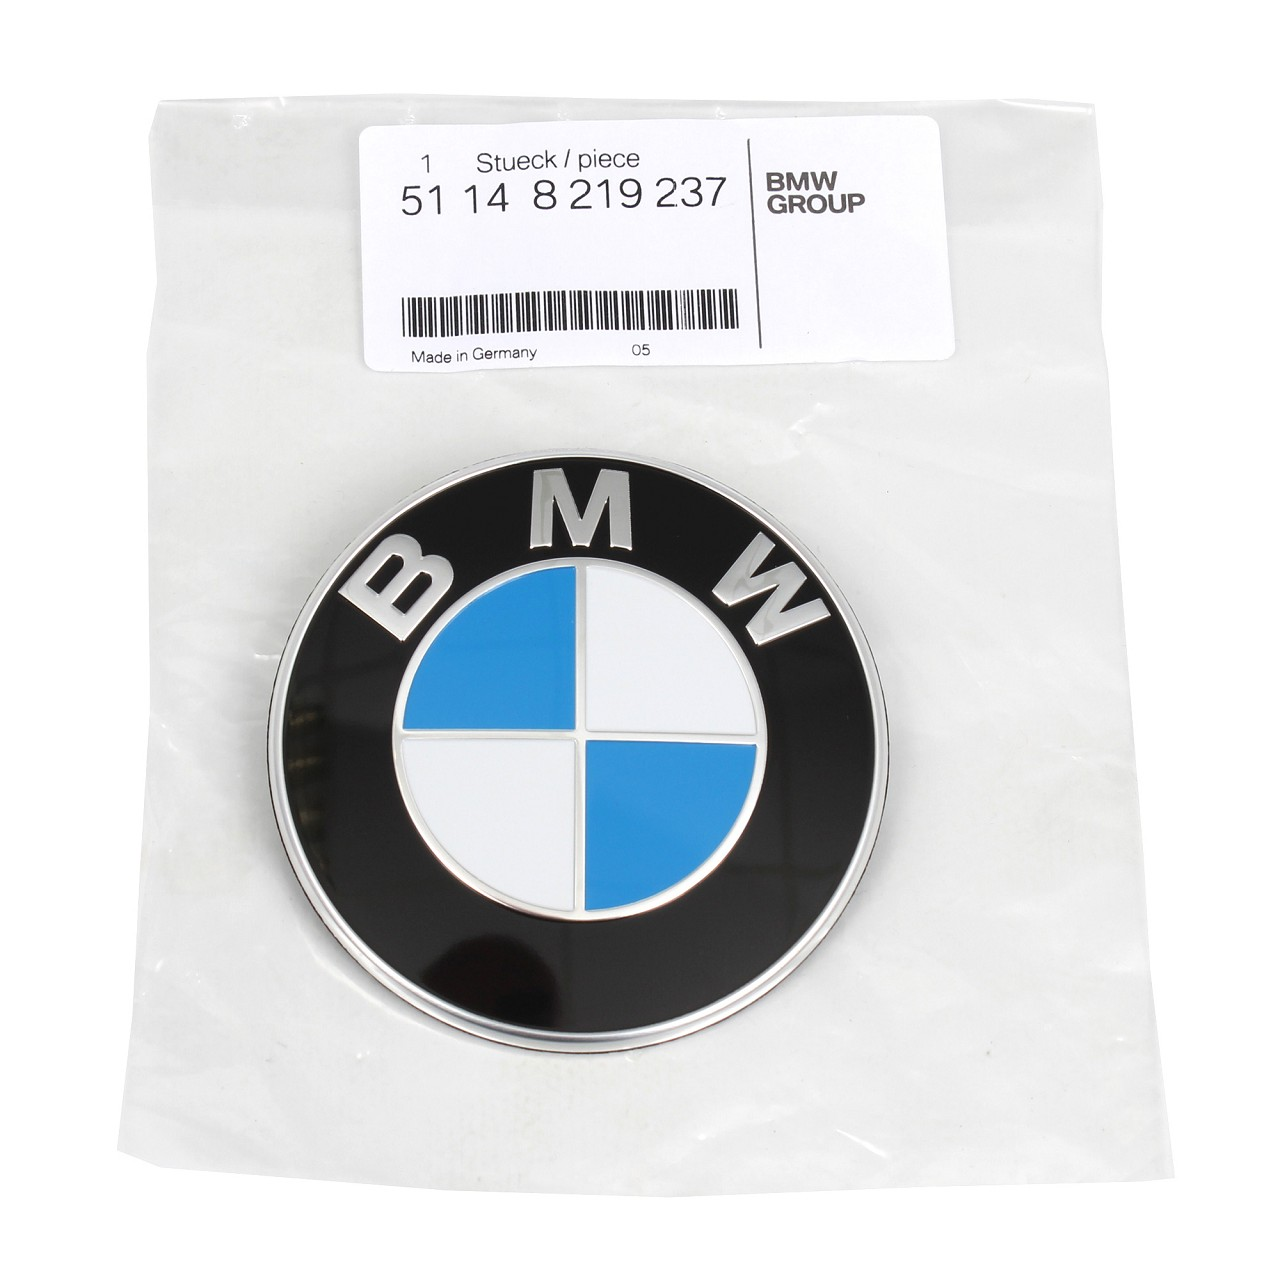 ORIGINAL BMW Emblem Plakette Zeichen Logo Heckklappe hinten Ø 74 mm 51148219237